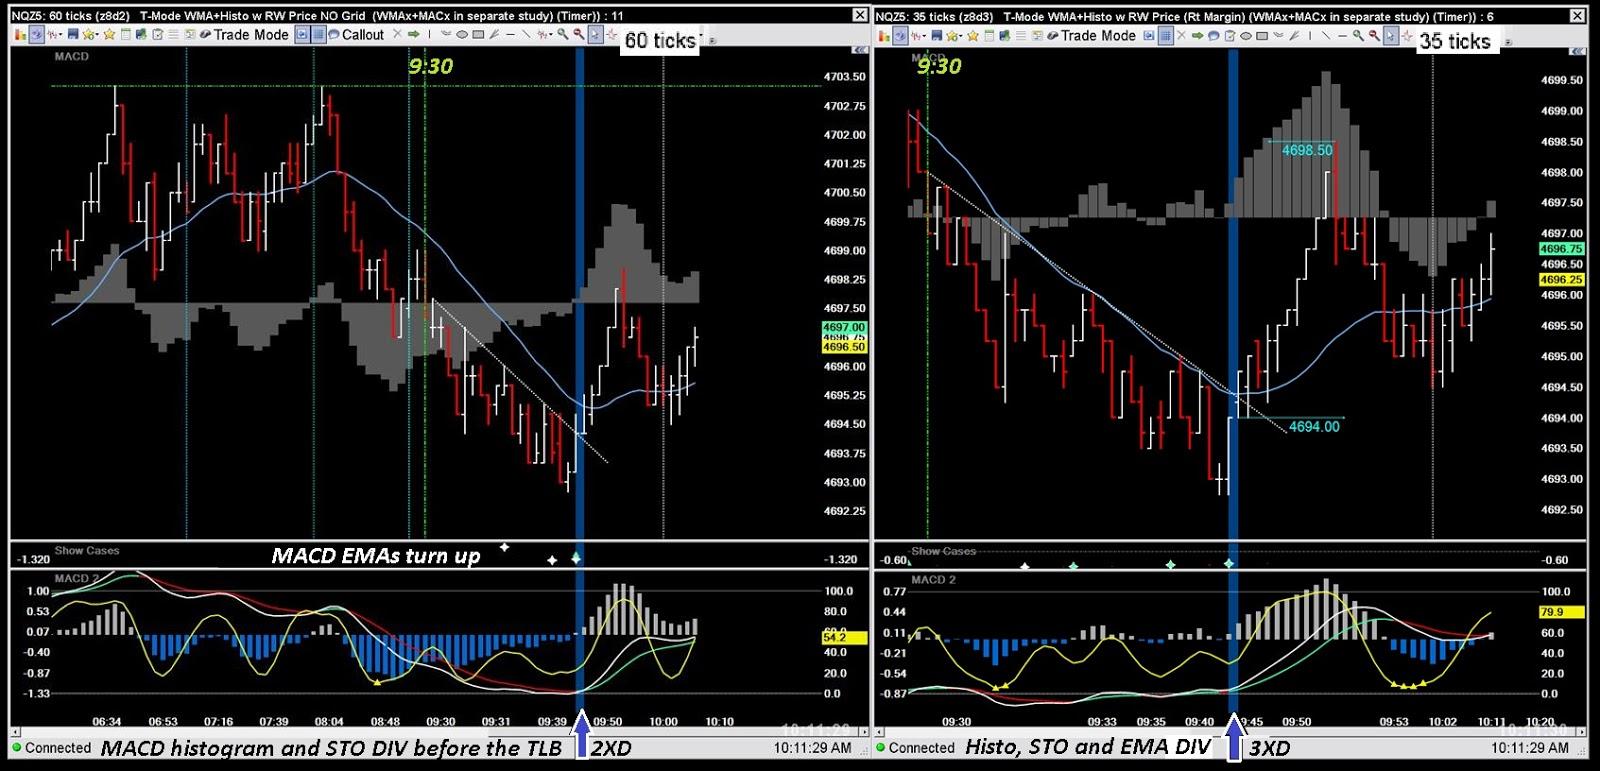 B kiss trading strategies